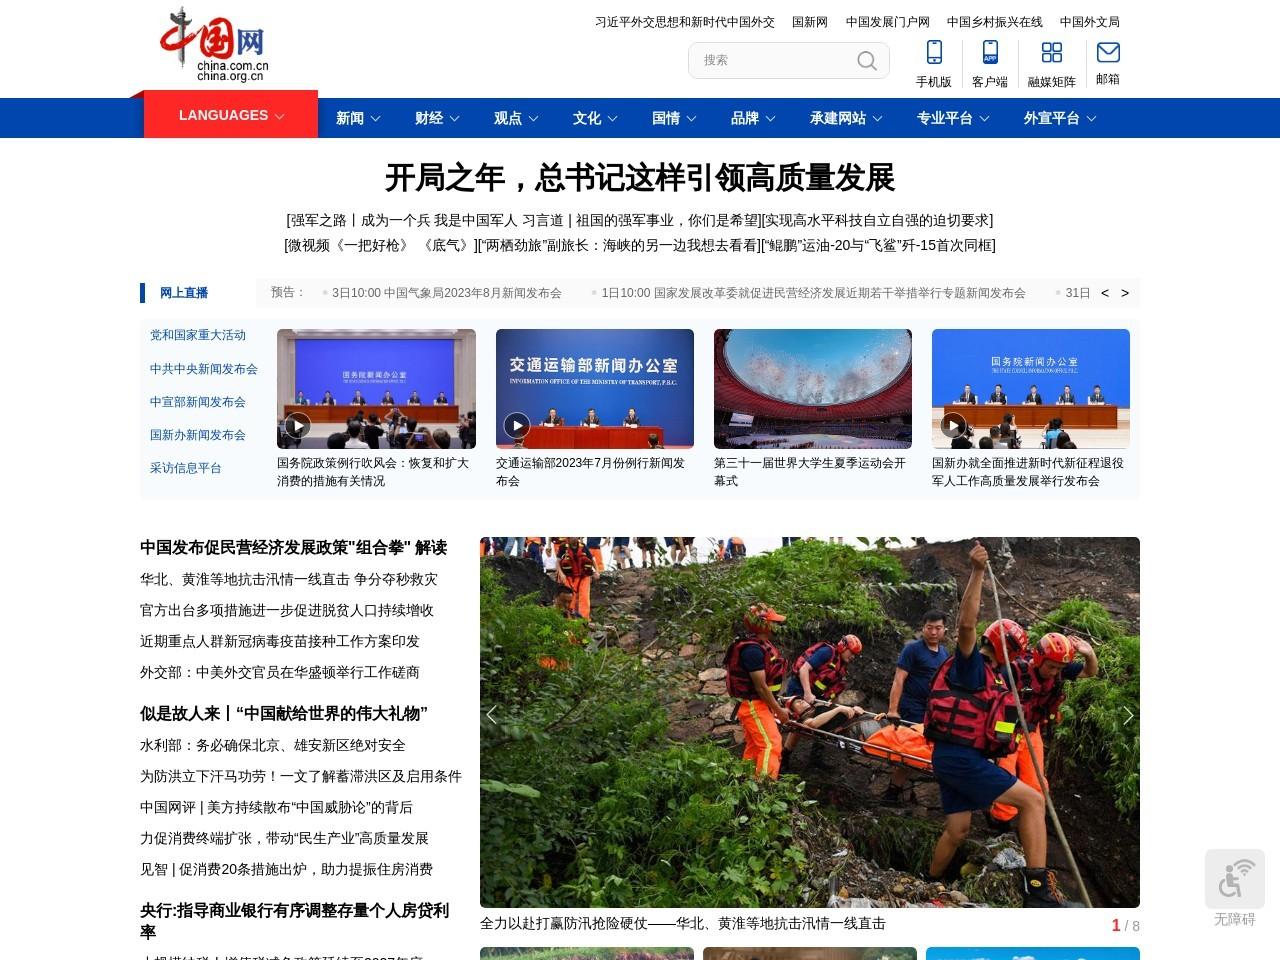 """中共中央宣传部就上海市""""初心始发地,再创新奇迹""""举行新闻发布会_网上直播_中国网"""